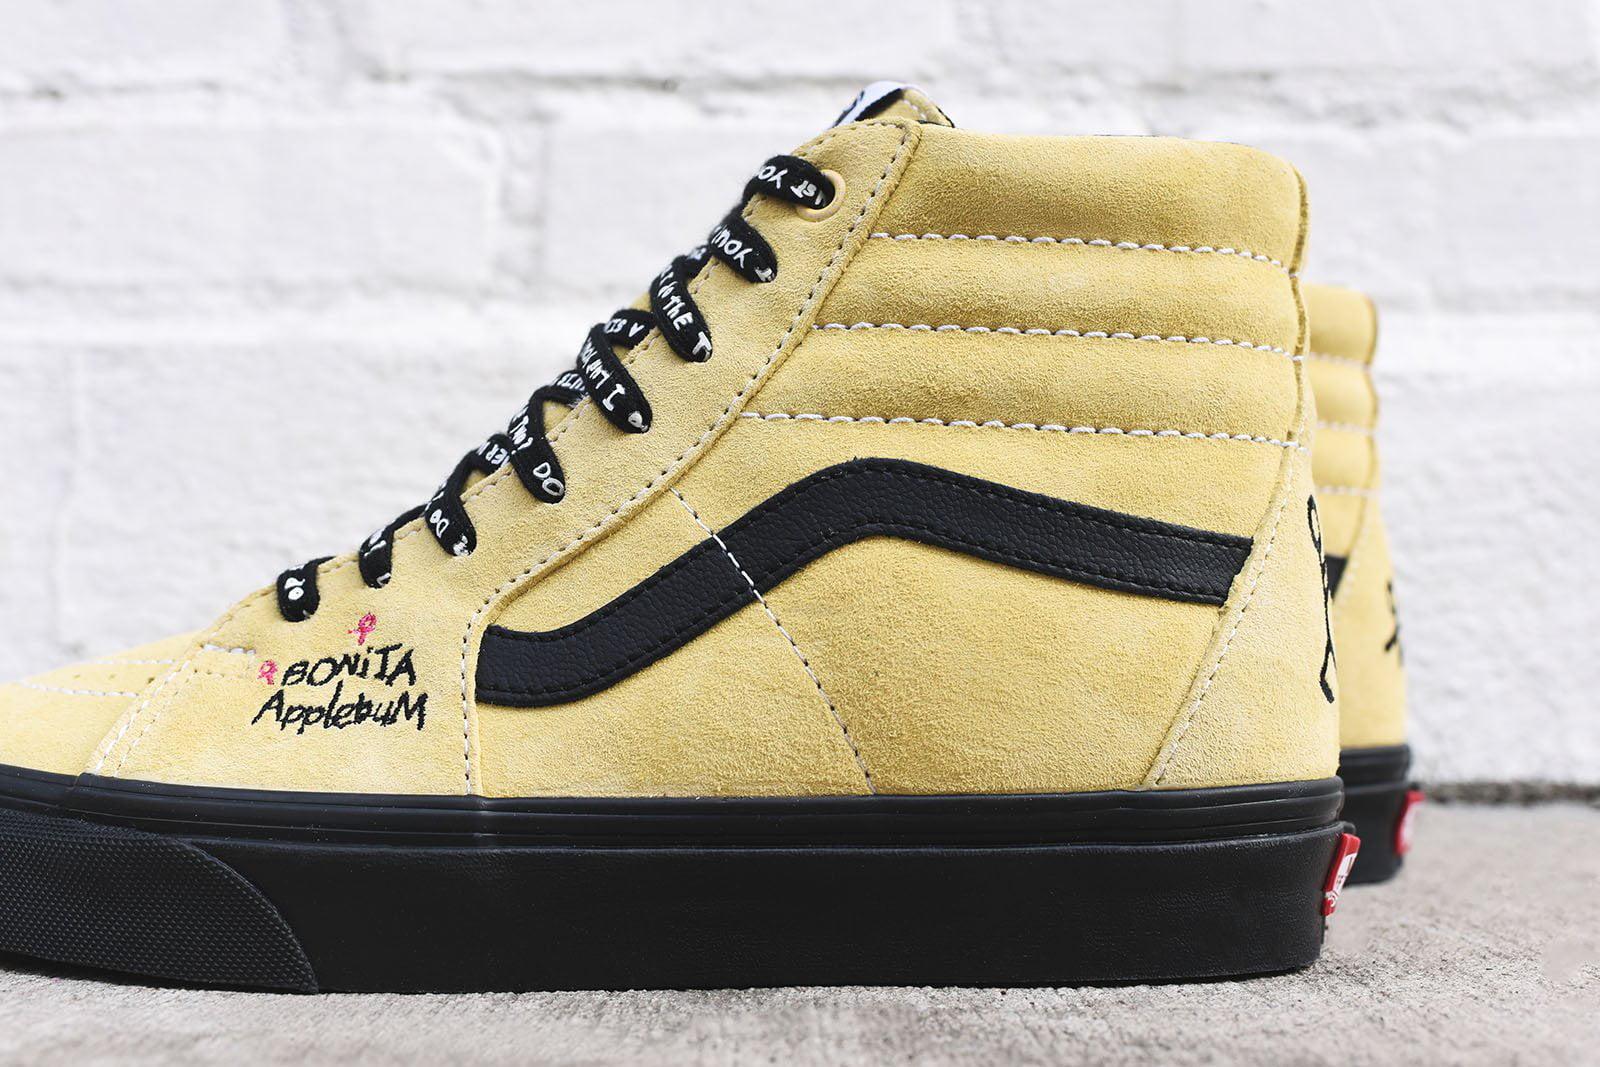 d43f2f6a4321 Vans - Mens Vans x A Tribe Called Quest SK8-Hi Black Mellow Yellow  VN0A38GER3 - Walmart.com